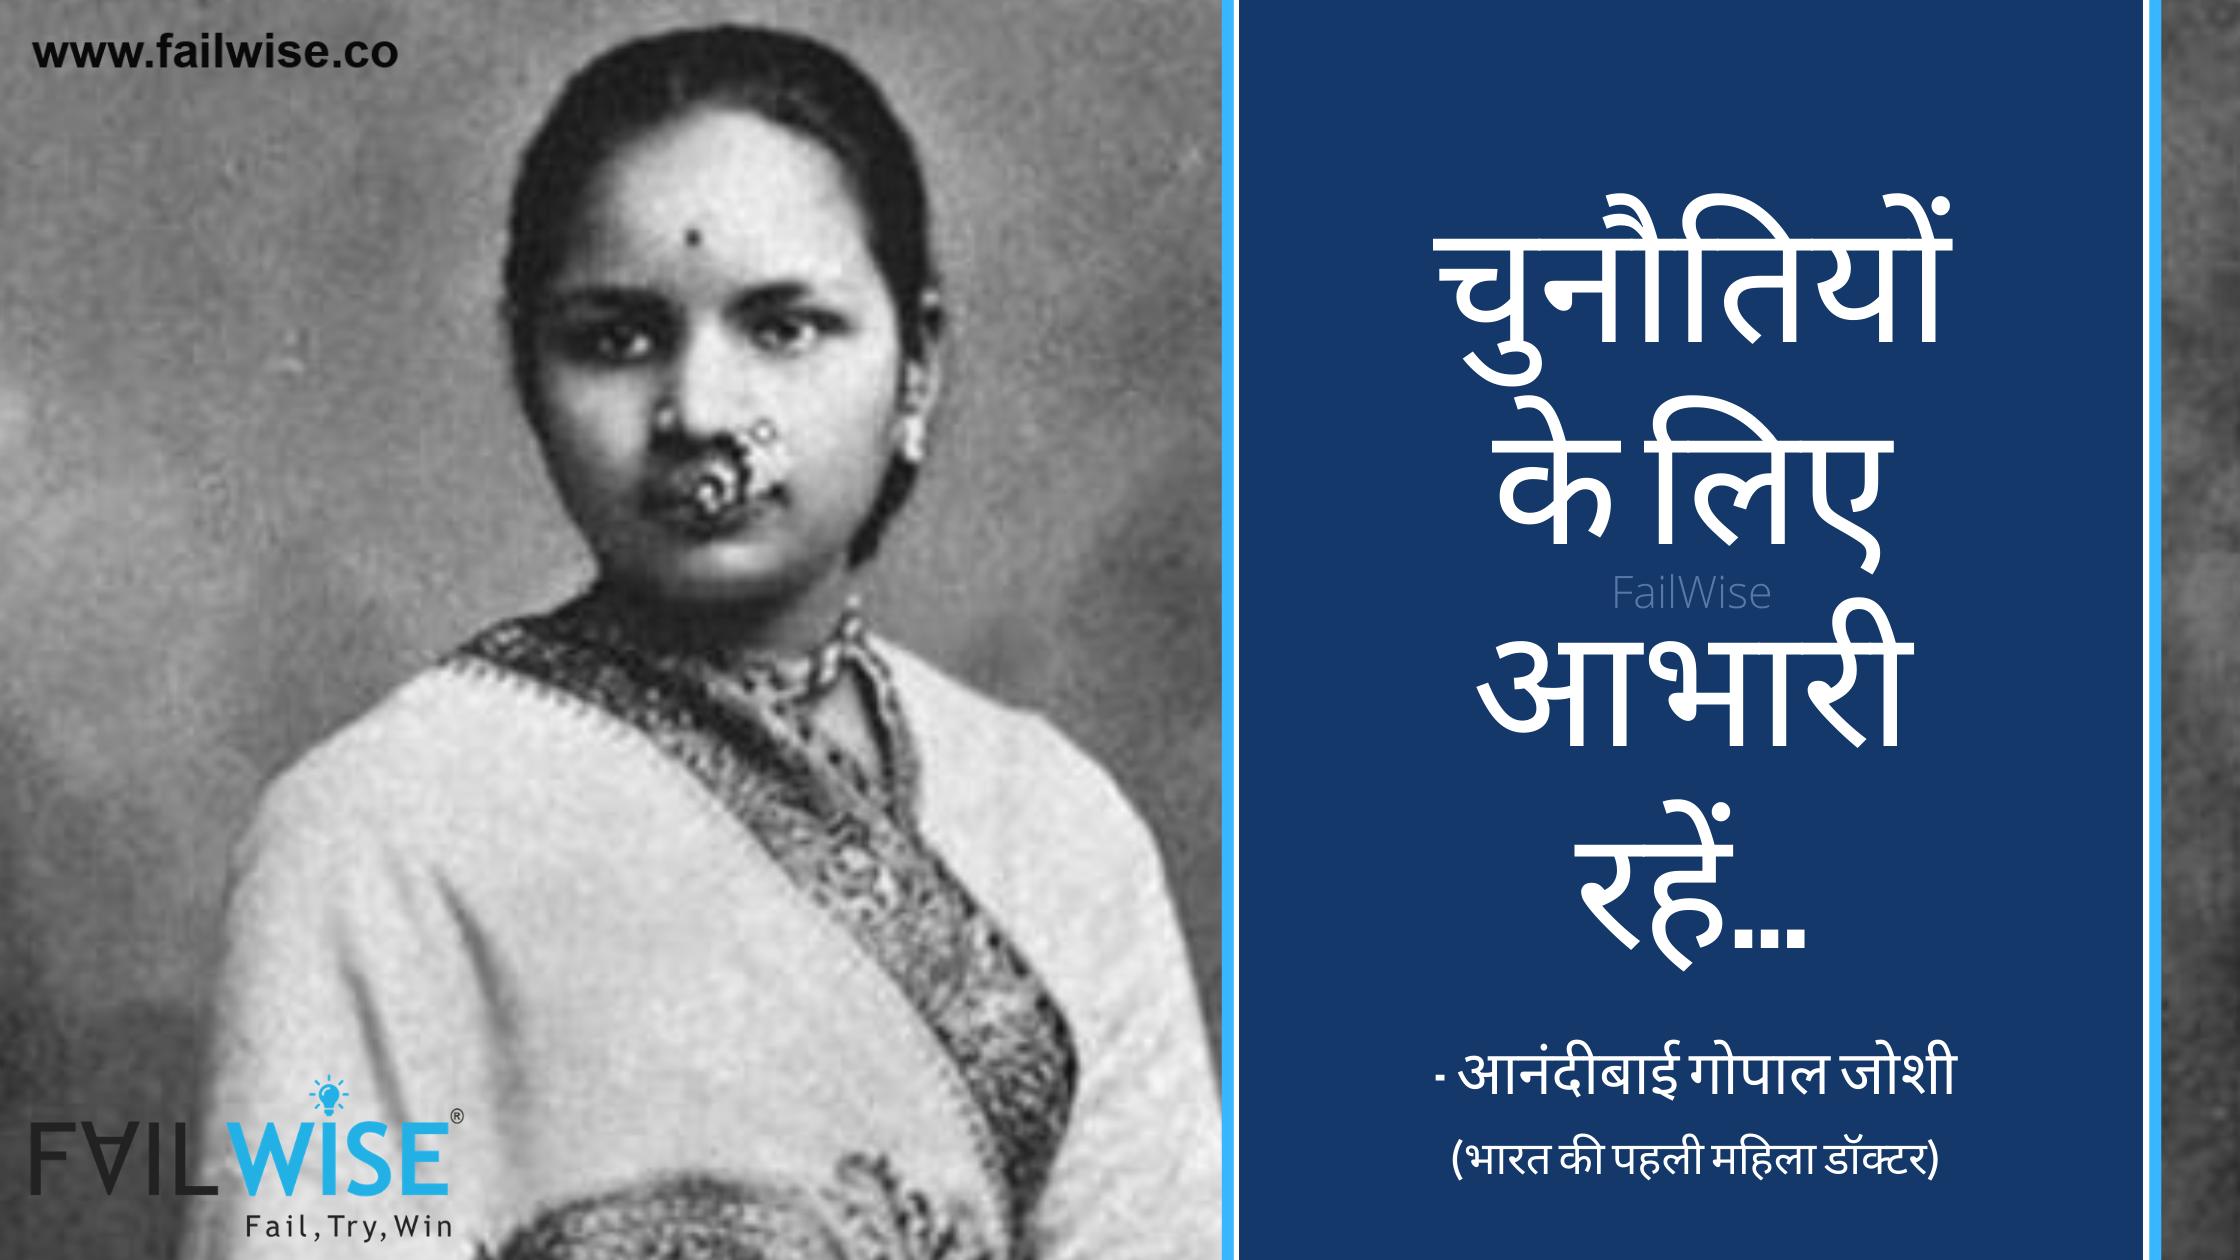 आनंदी गोपाल जोशी: भारत की पहली महिला डॉक्टर का जीवन संघर्ष